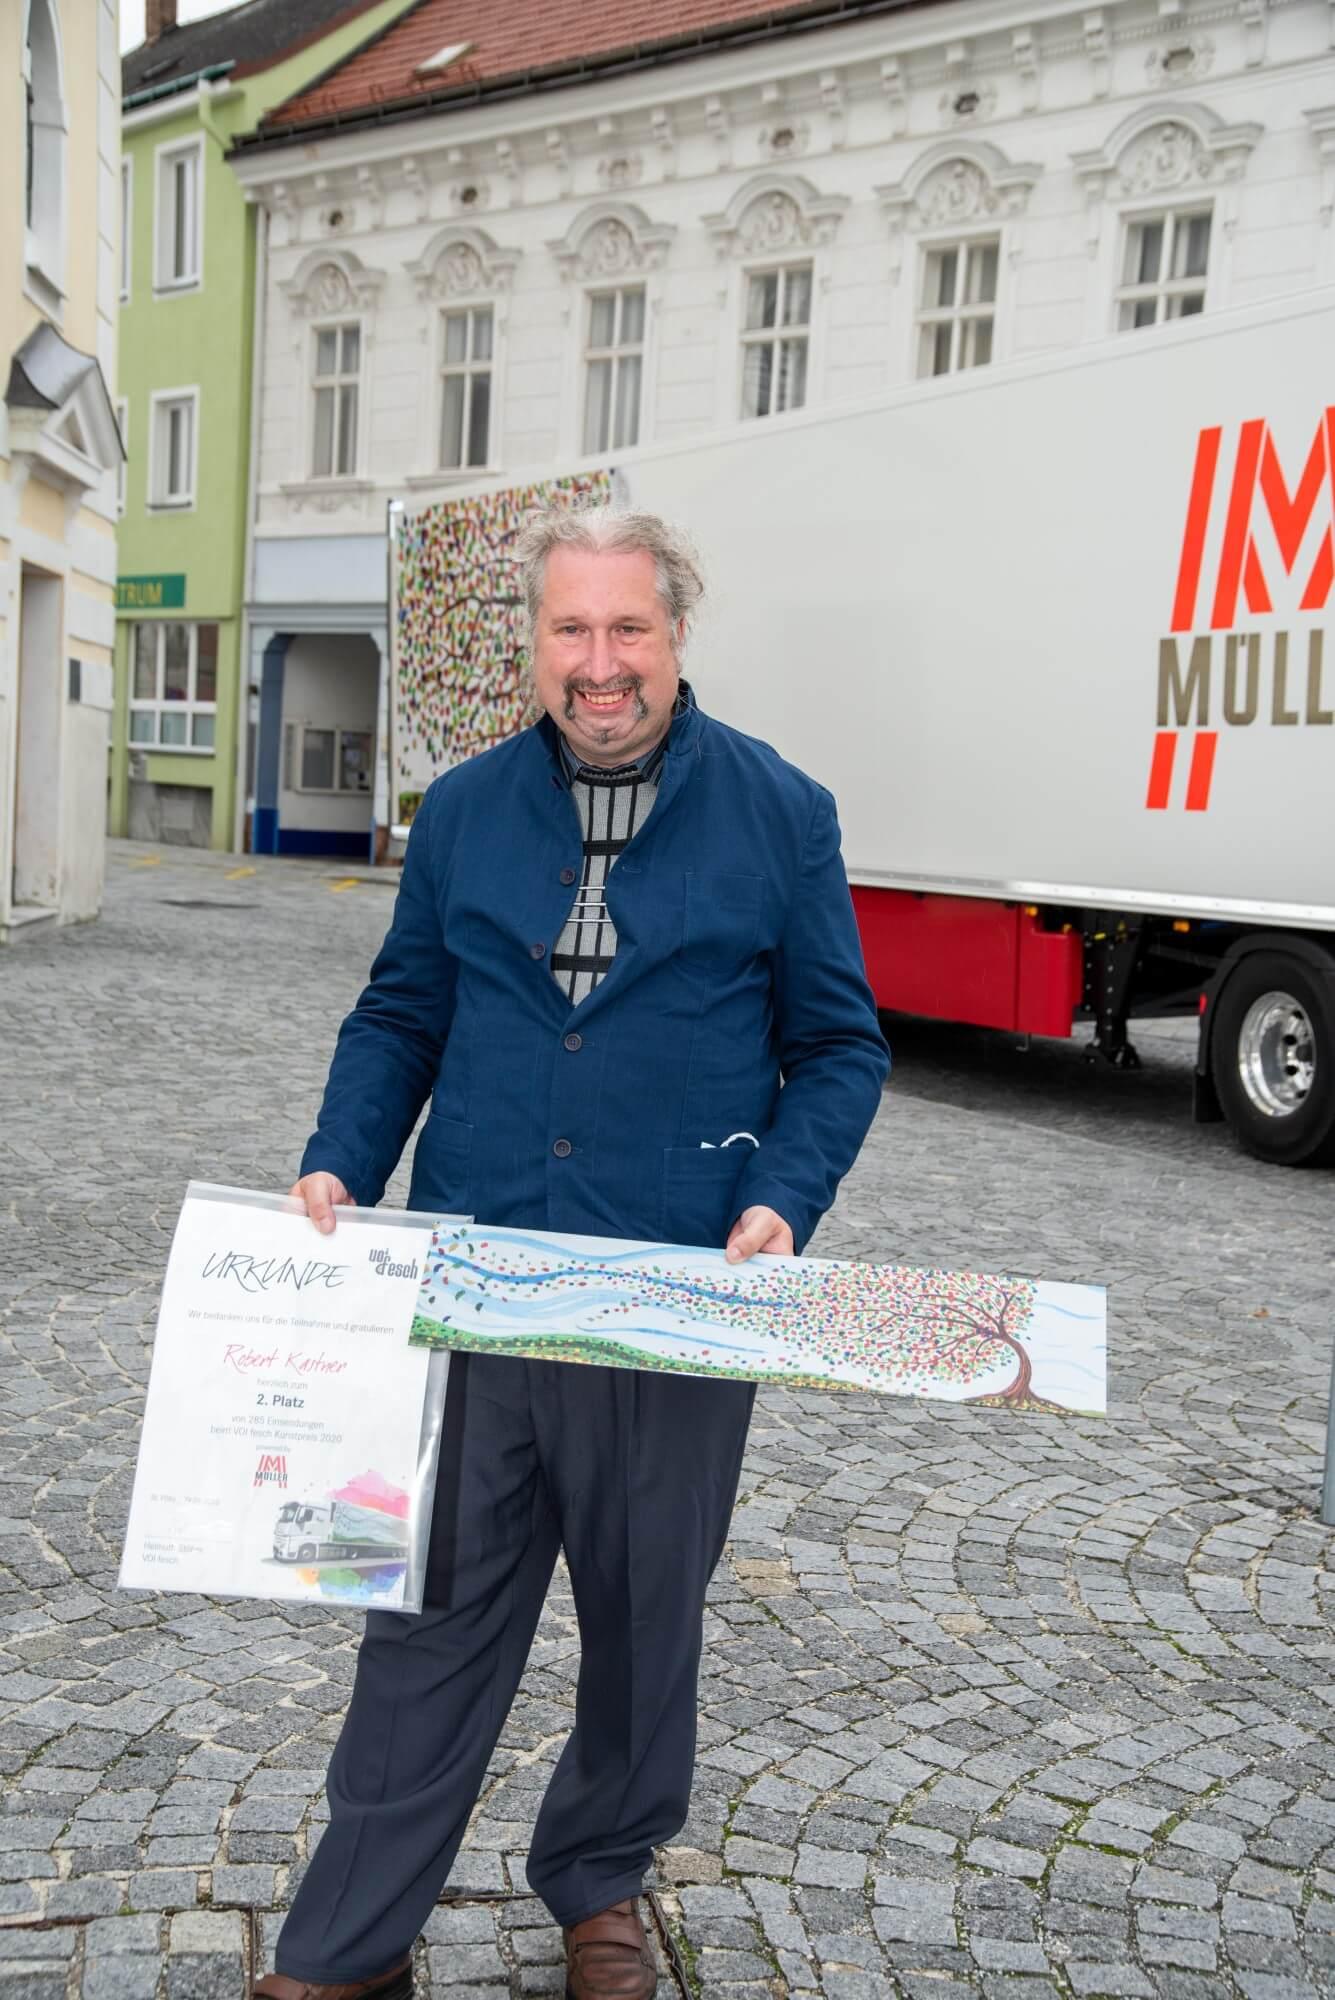 Künstler Herbert Kastner mit einer Reproduktion von Herbststurm und der Urkunde für den 2. Platz